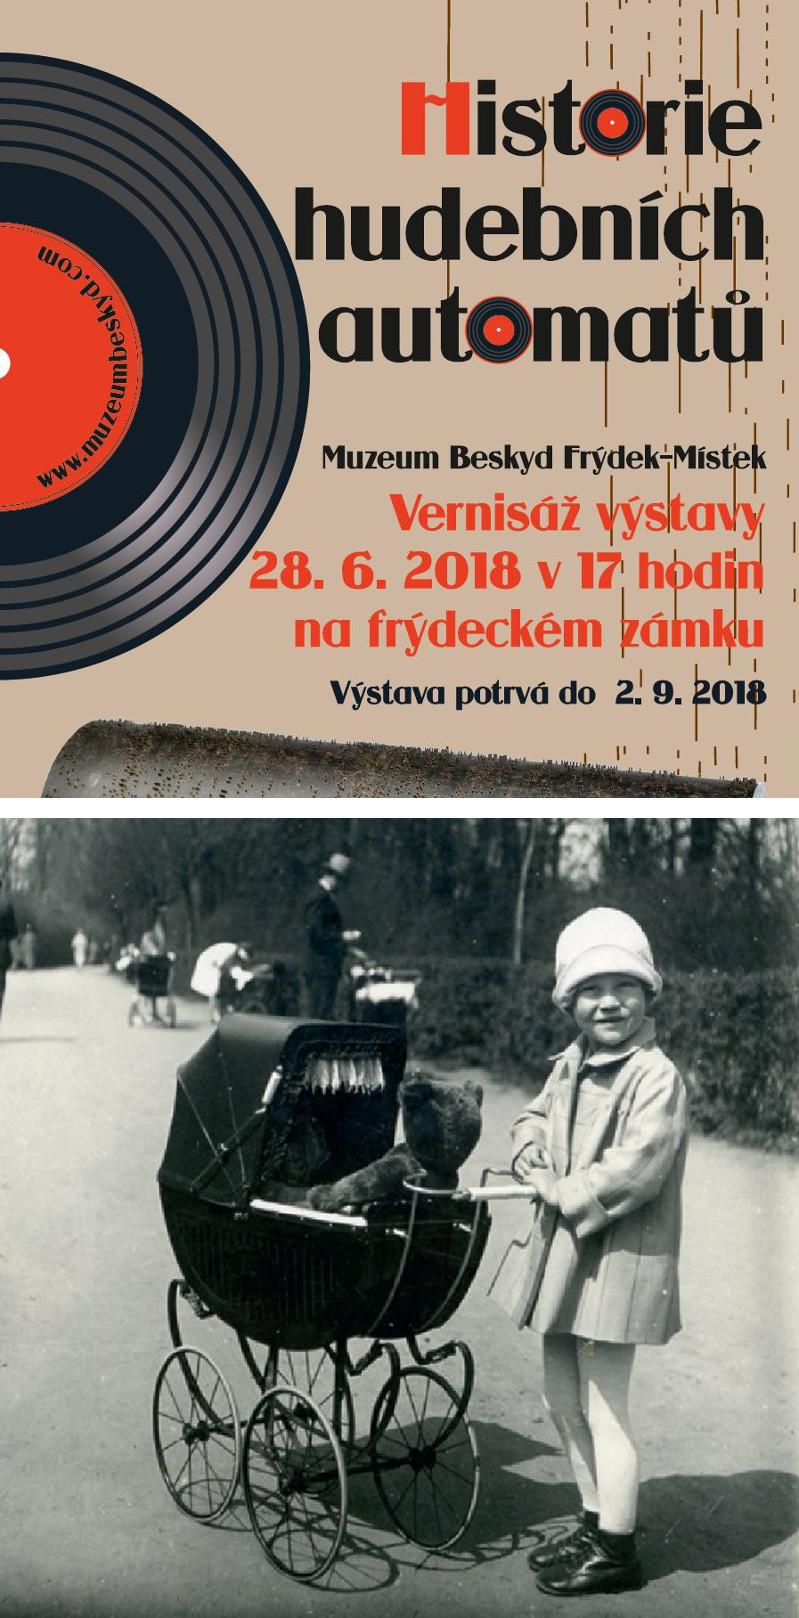 Fotokoláž z pozvánek na výstavy v Beskydském muzeu ve Frýdku-Místku.